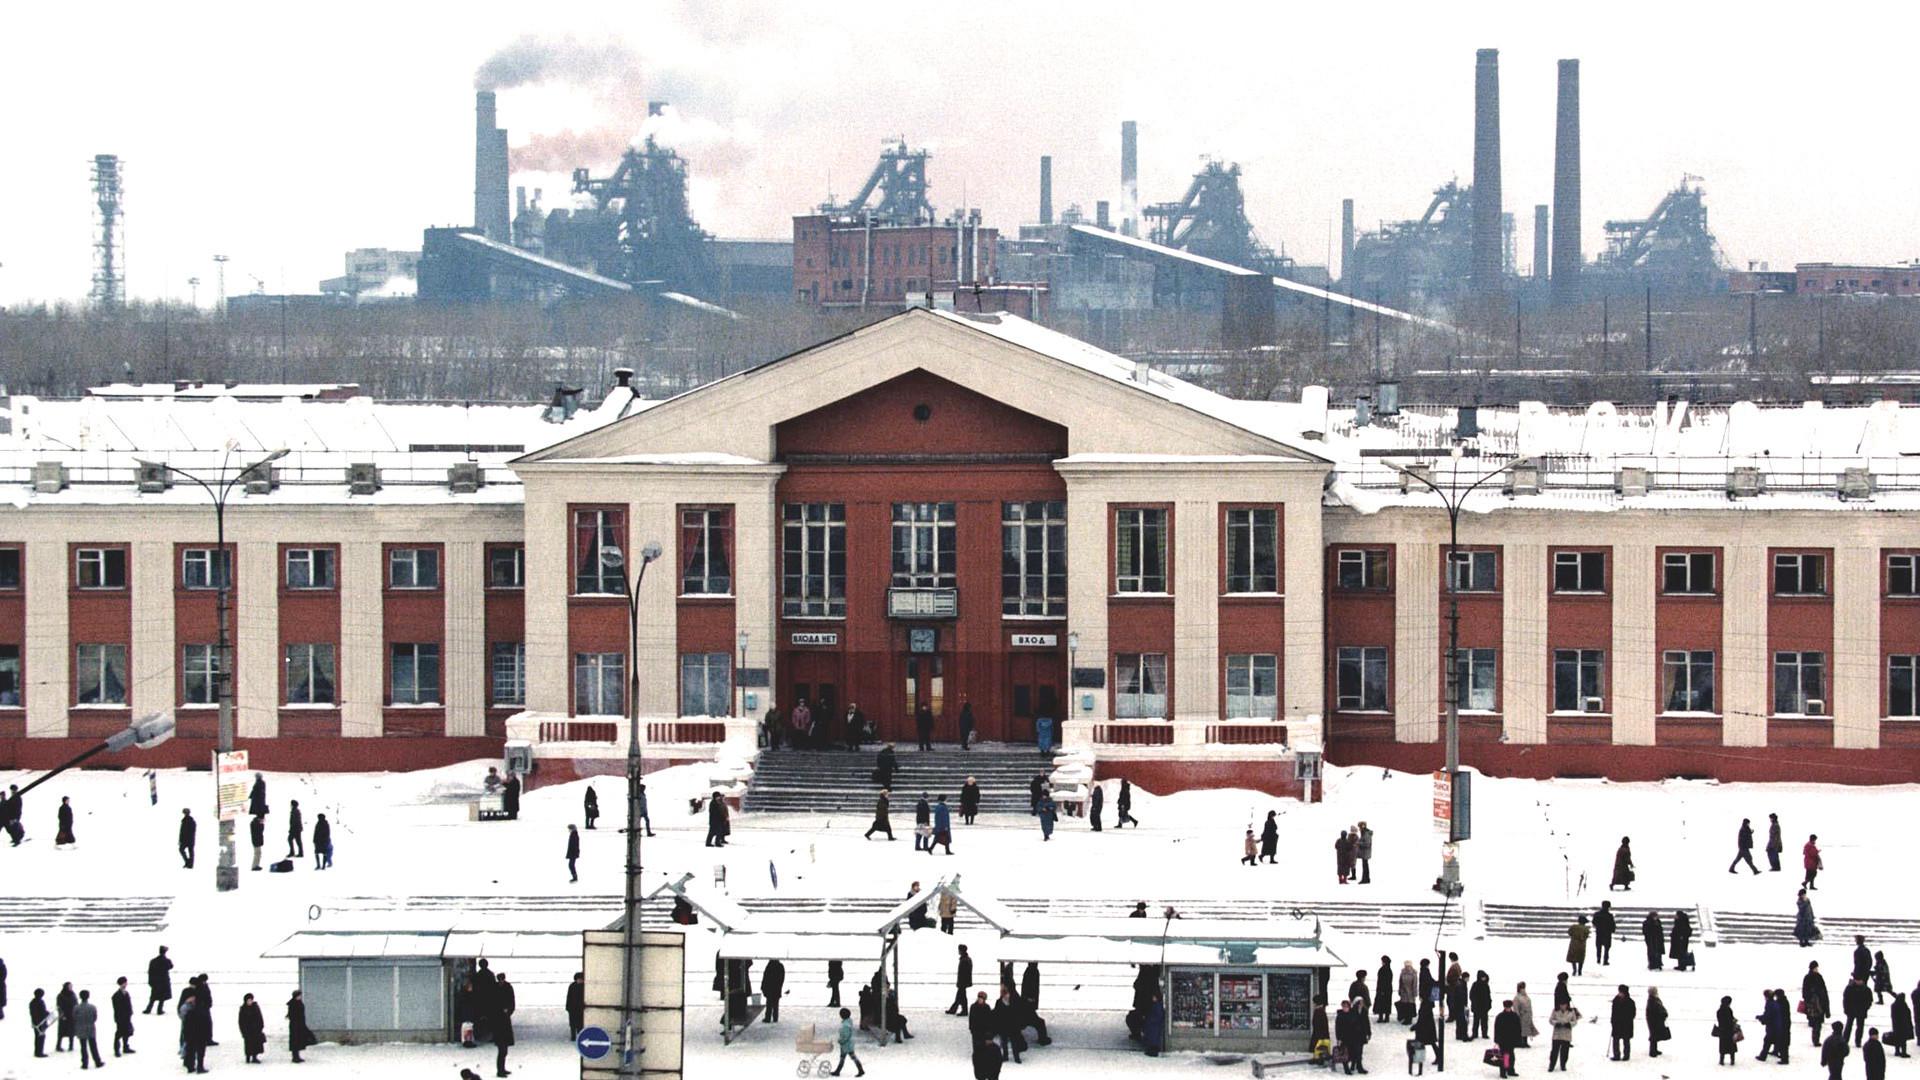 Estacão de trem em Níjni Taguil na região de Sverdlovsk